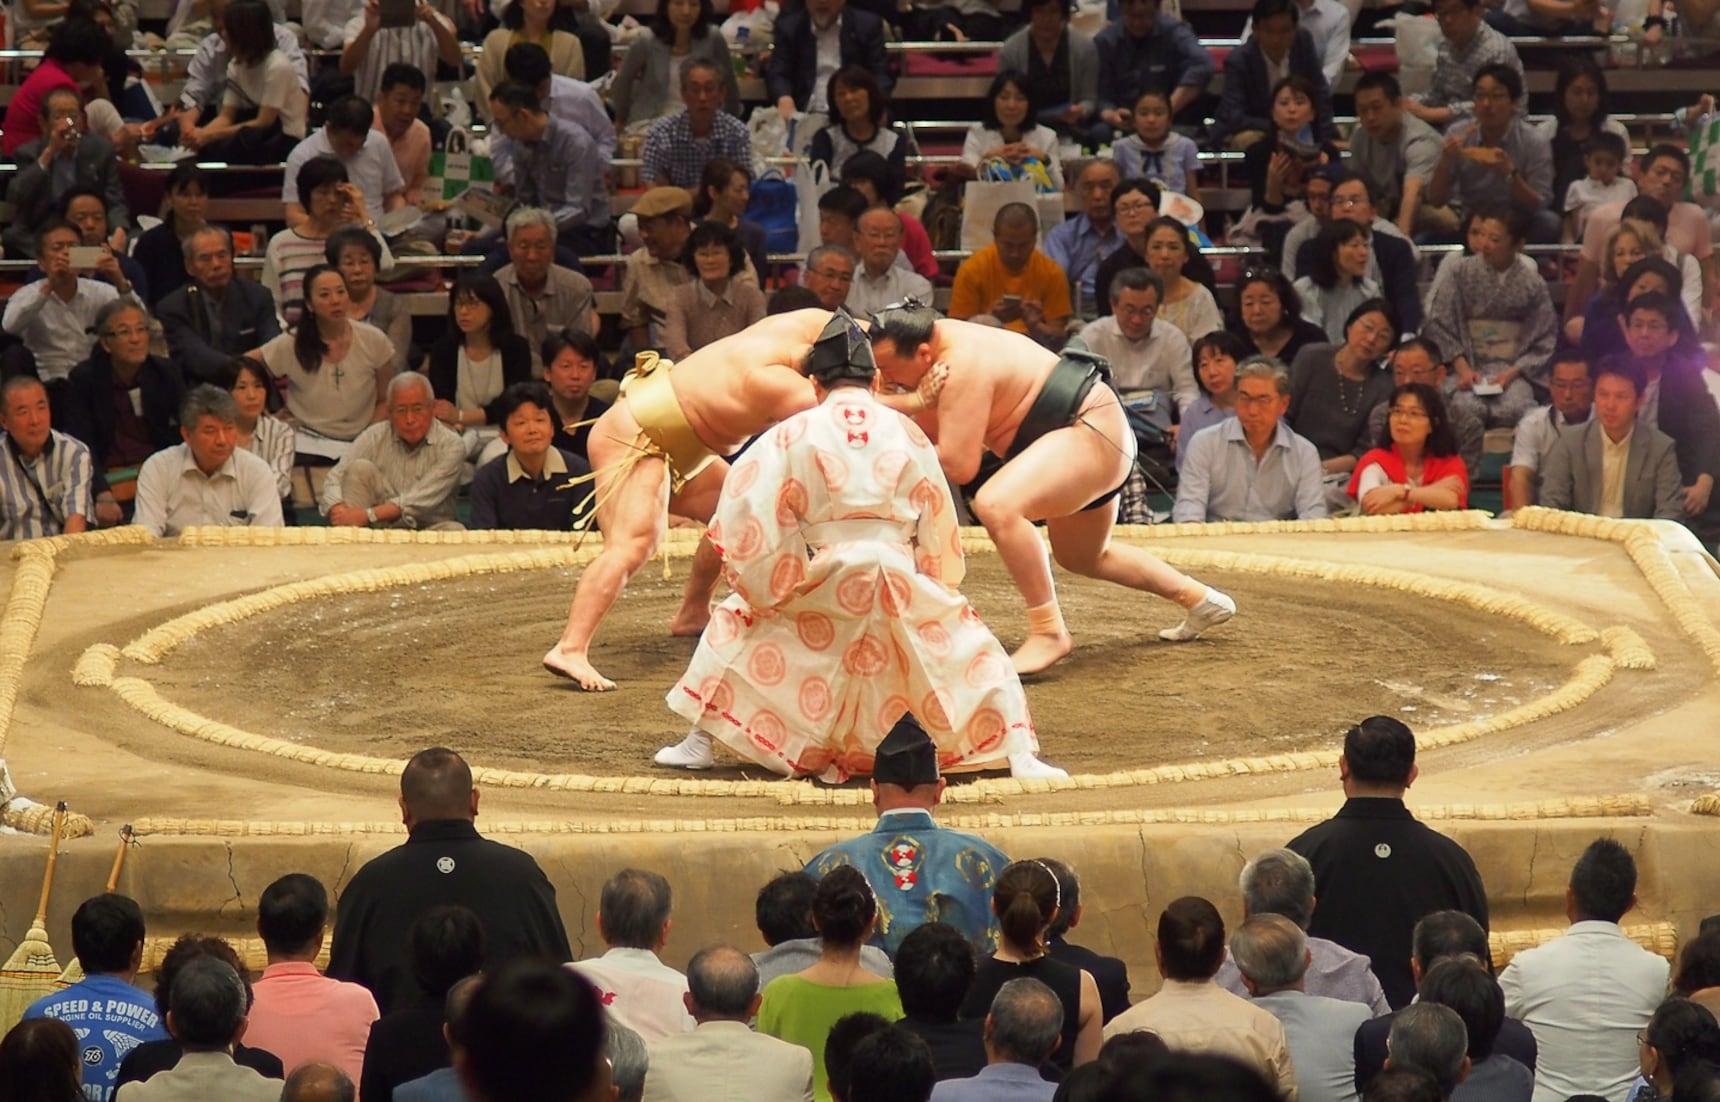 วิธีไปดูซูโม่ที่ญี่ปุ่น